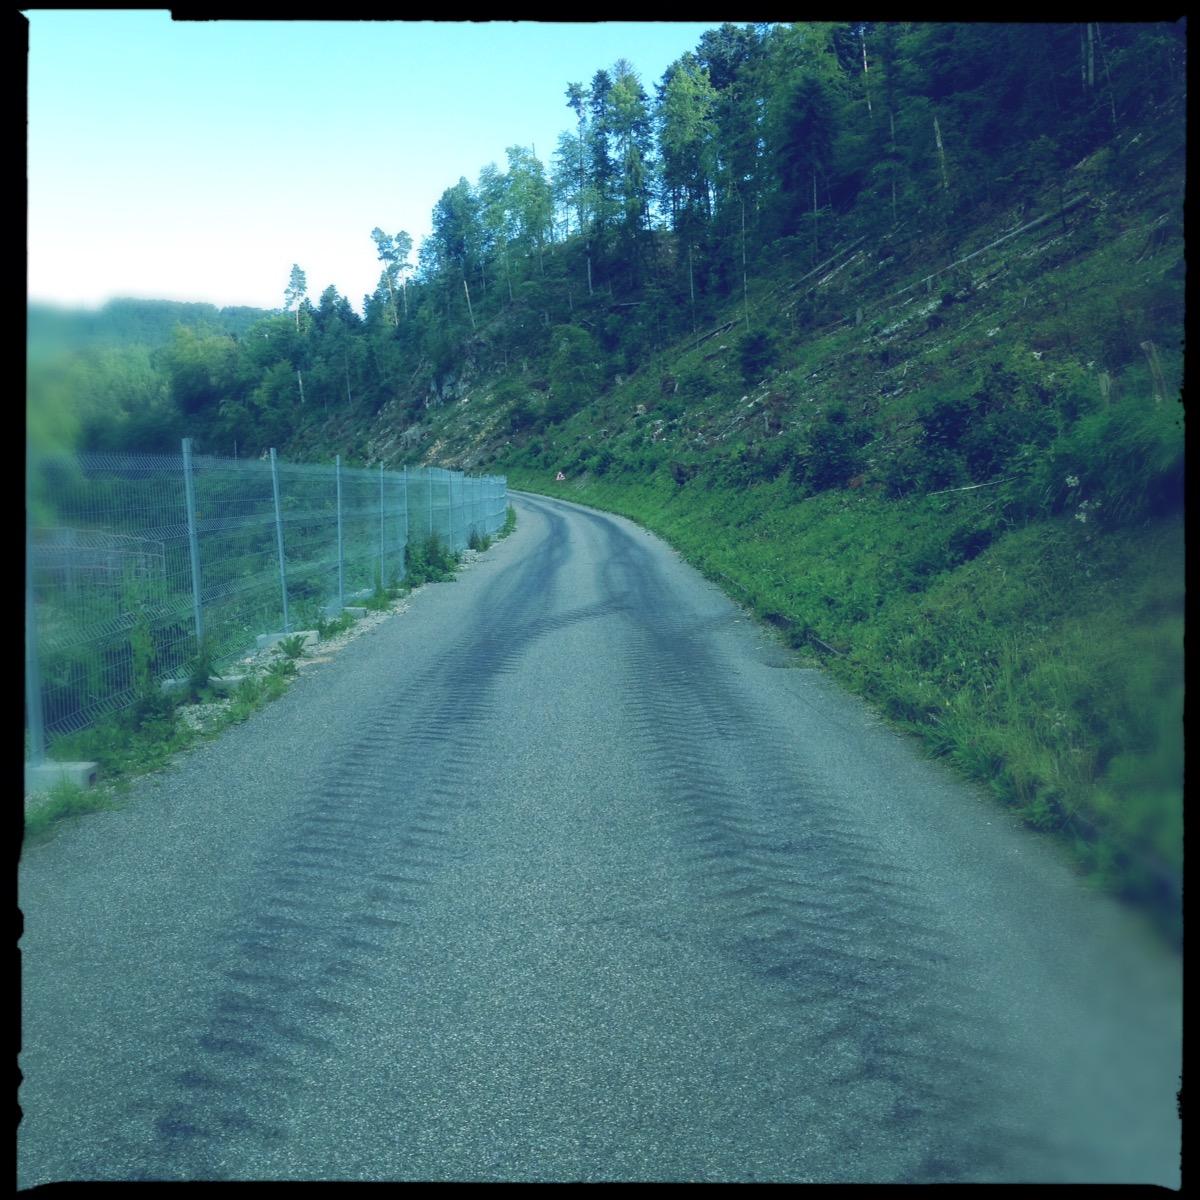 Quadratisches grüngraues Straßenbild. Man sieht Teer, Bewuchs beiderseits und Gummispuren.